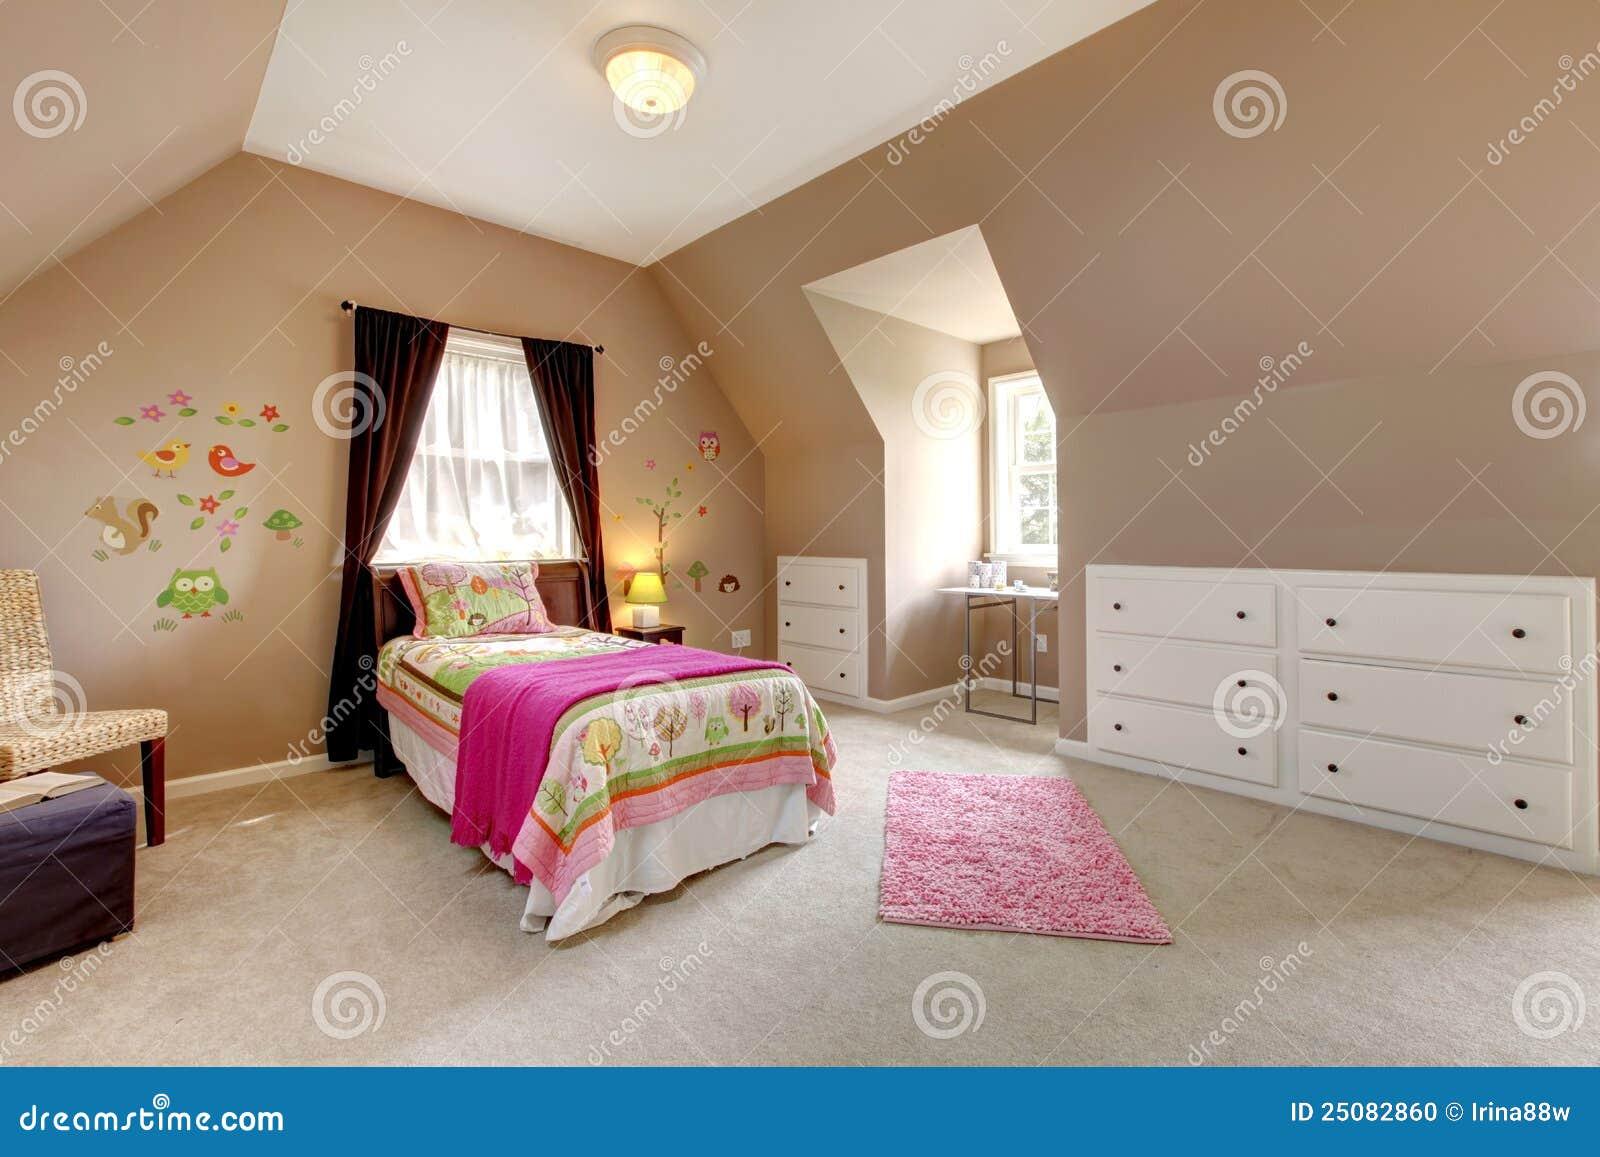 Roze Slaapkamer Lamp : Slaapkamer lamp roze referenties op huis ontwerp interieur